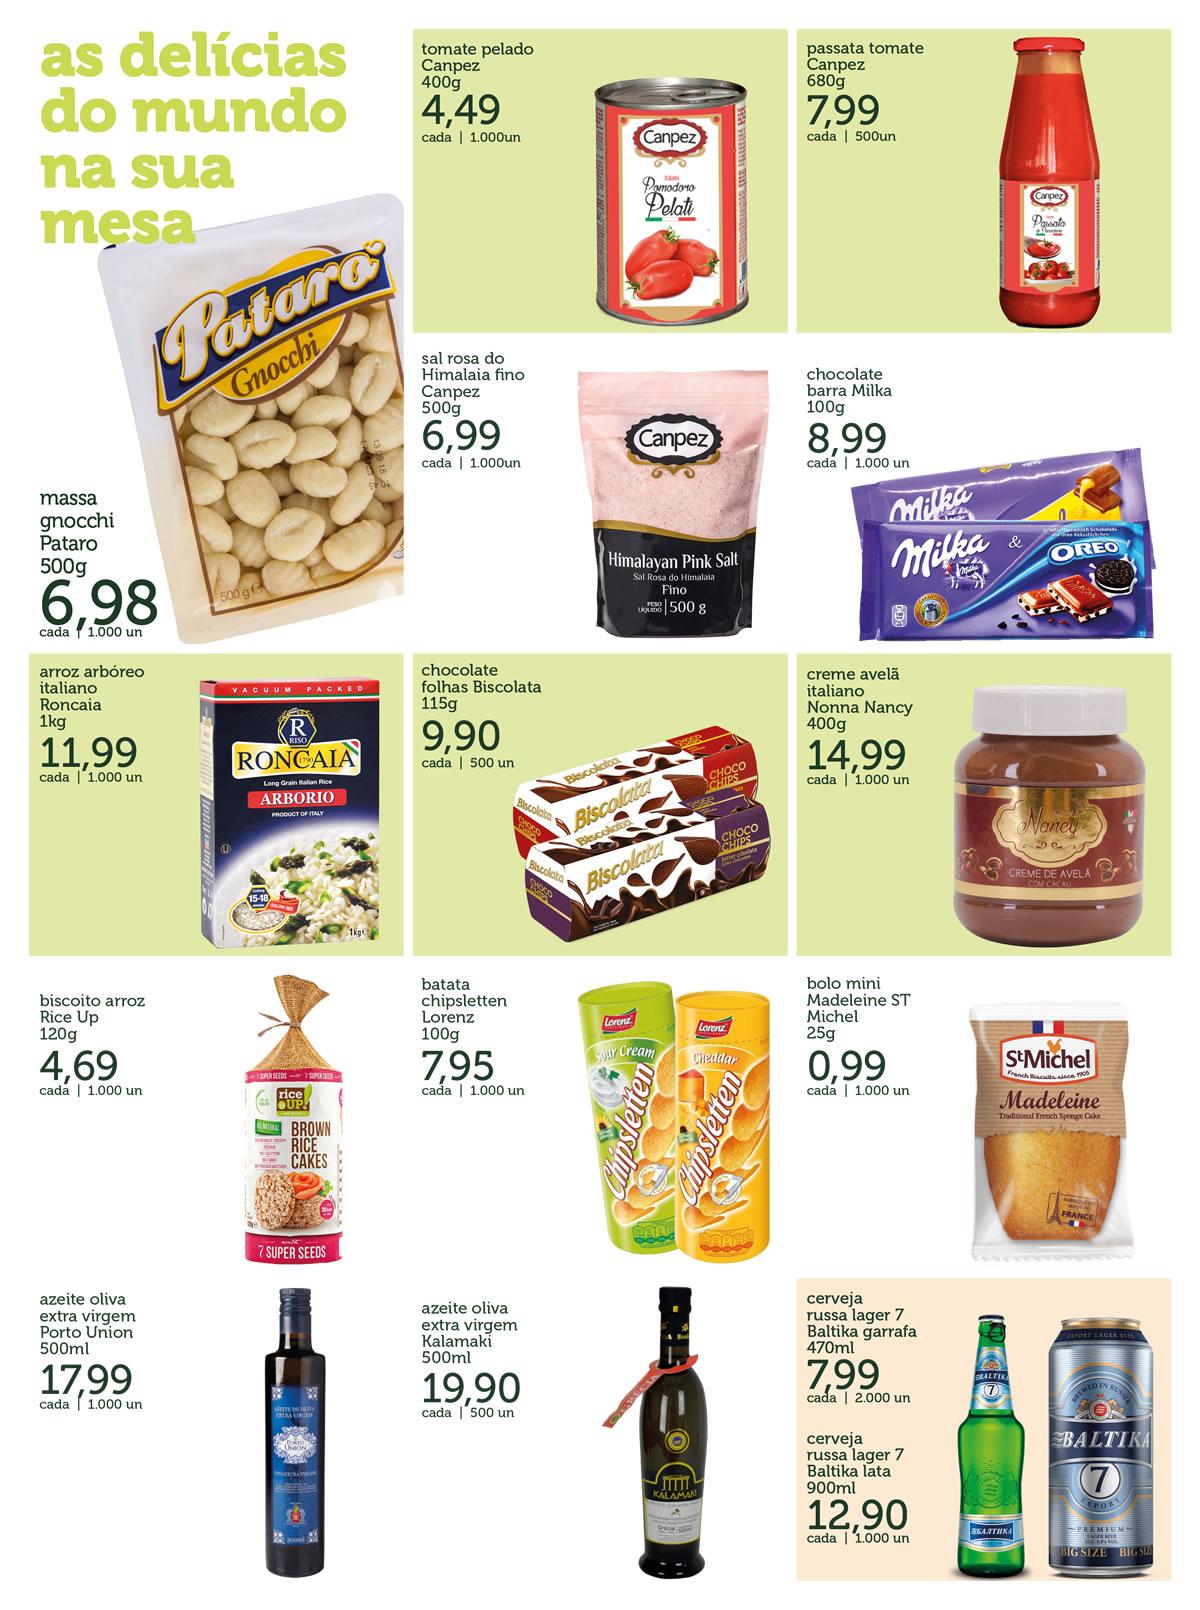 caita_supermercados_tabloide_junho2018_joacaba03